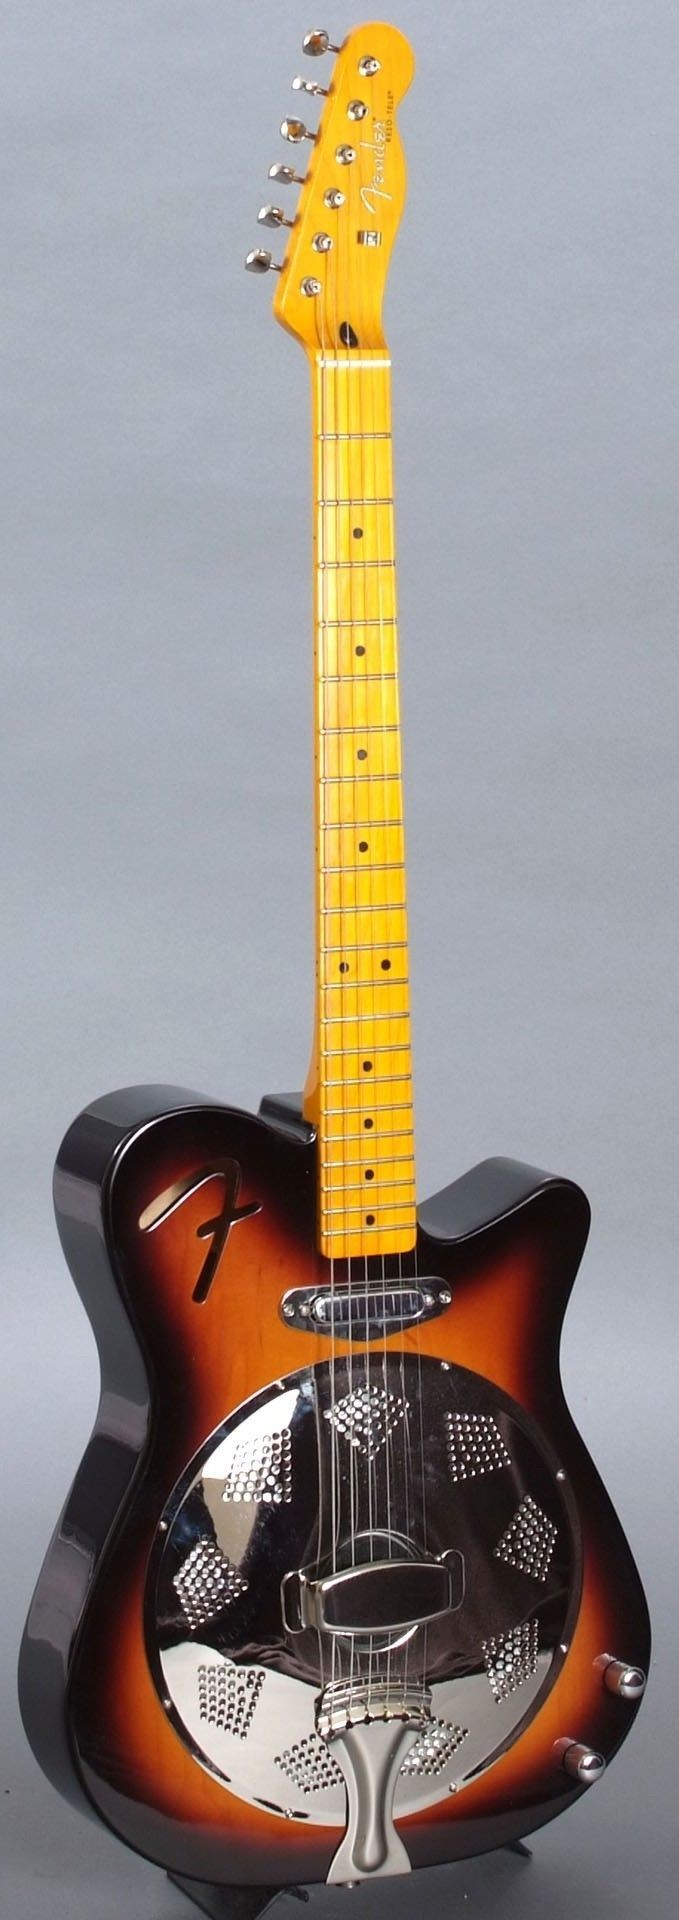 Resonator Guitar Beginner Guitar Lessons Beautiful Guitars Guitar Players Acoustic Guitars Electric Music Instruments Guitars Guitar Lessons For